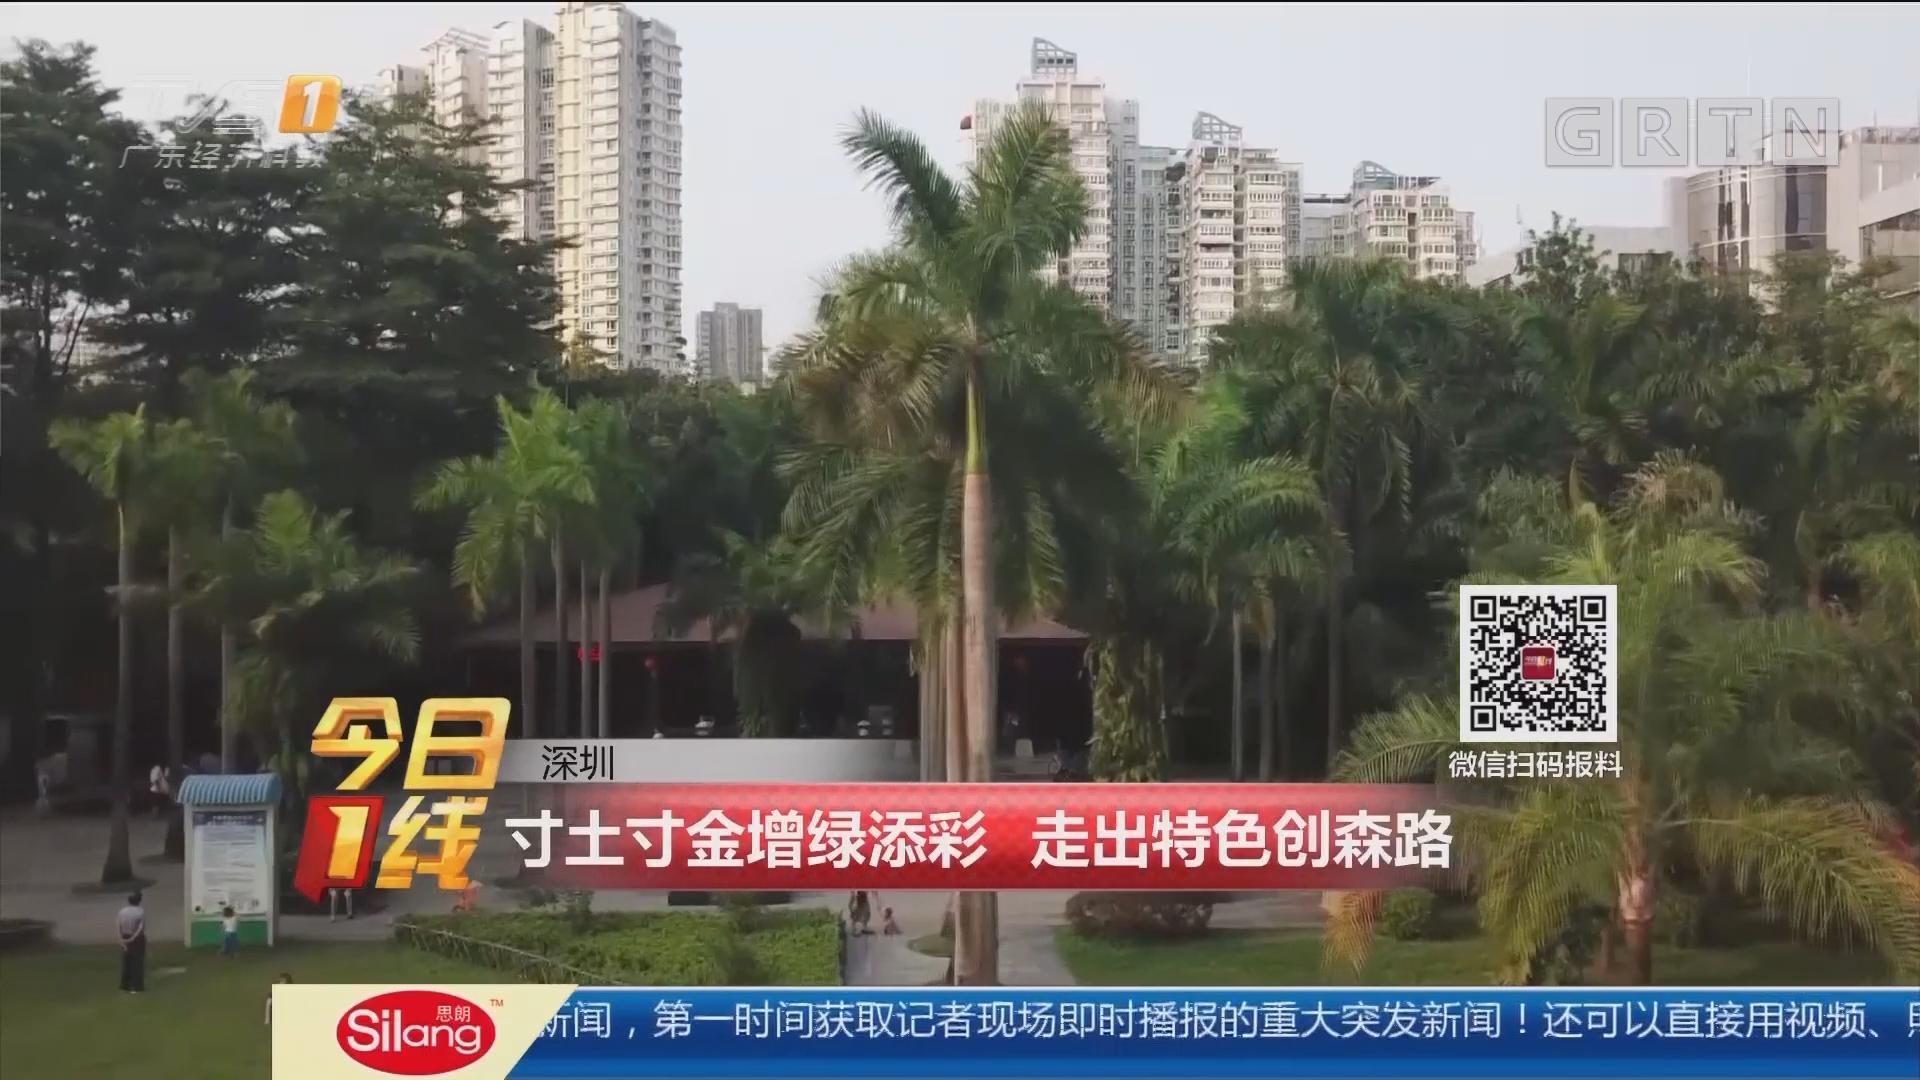 深圳:寸土寸金增绿添彩 走出特色创森路